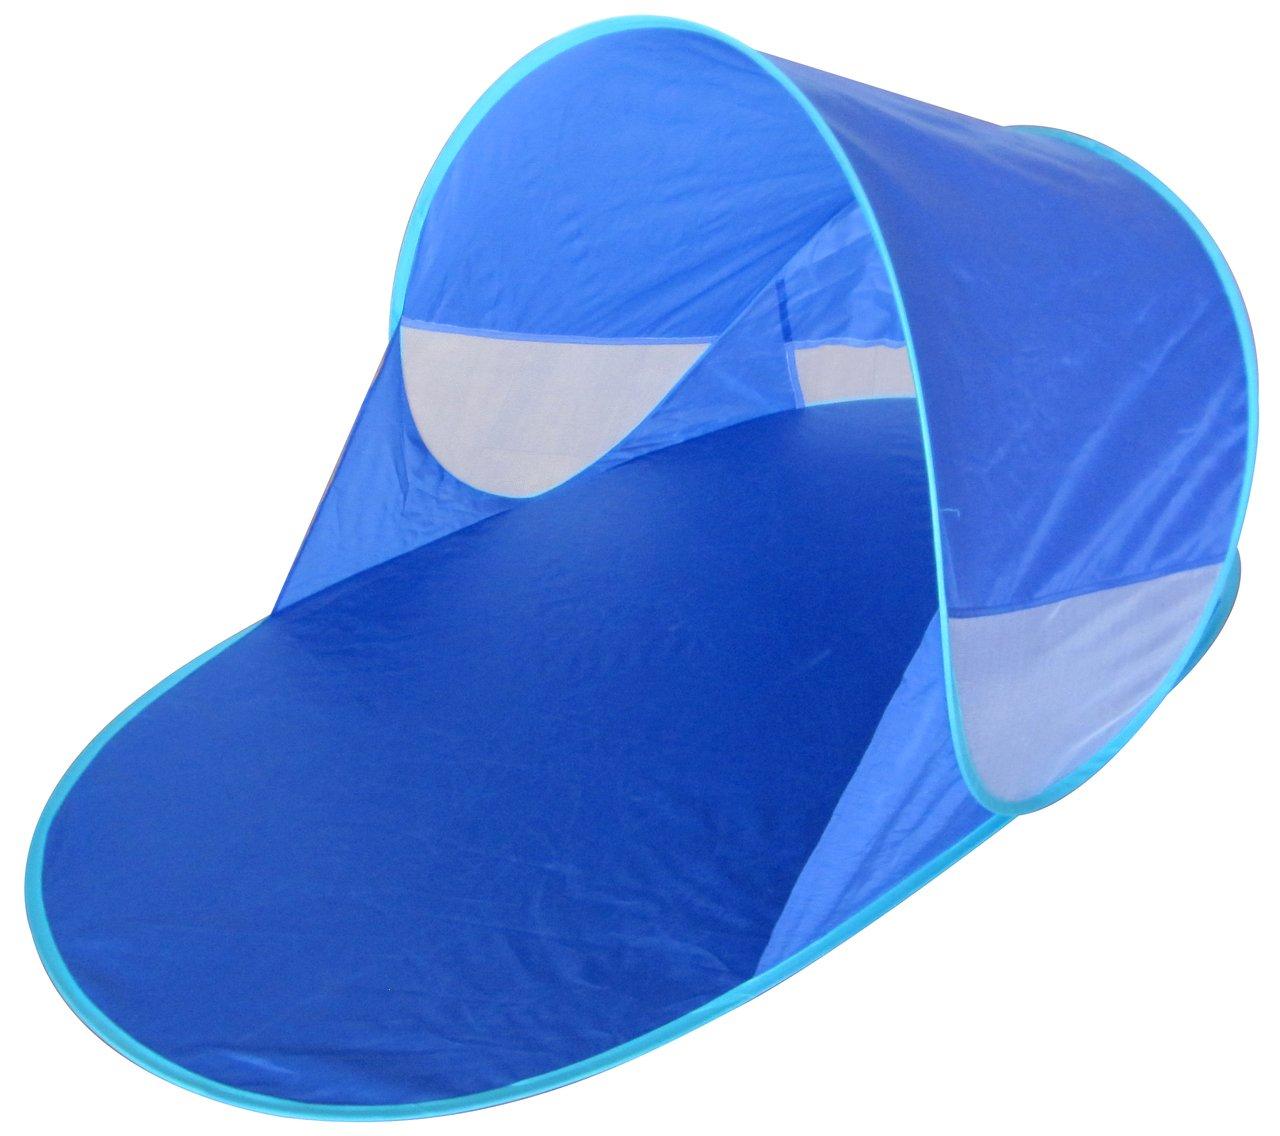 Tente de plage OPTIMALE ANTI UV PROTECTION bébé enfant famille abri parasol soleil montage automatique Pop Up Instantané Kiddus Accesorios SL